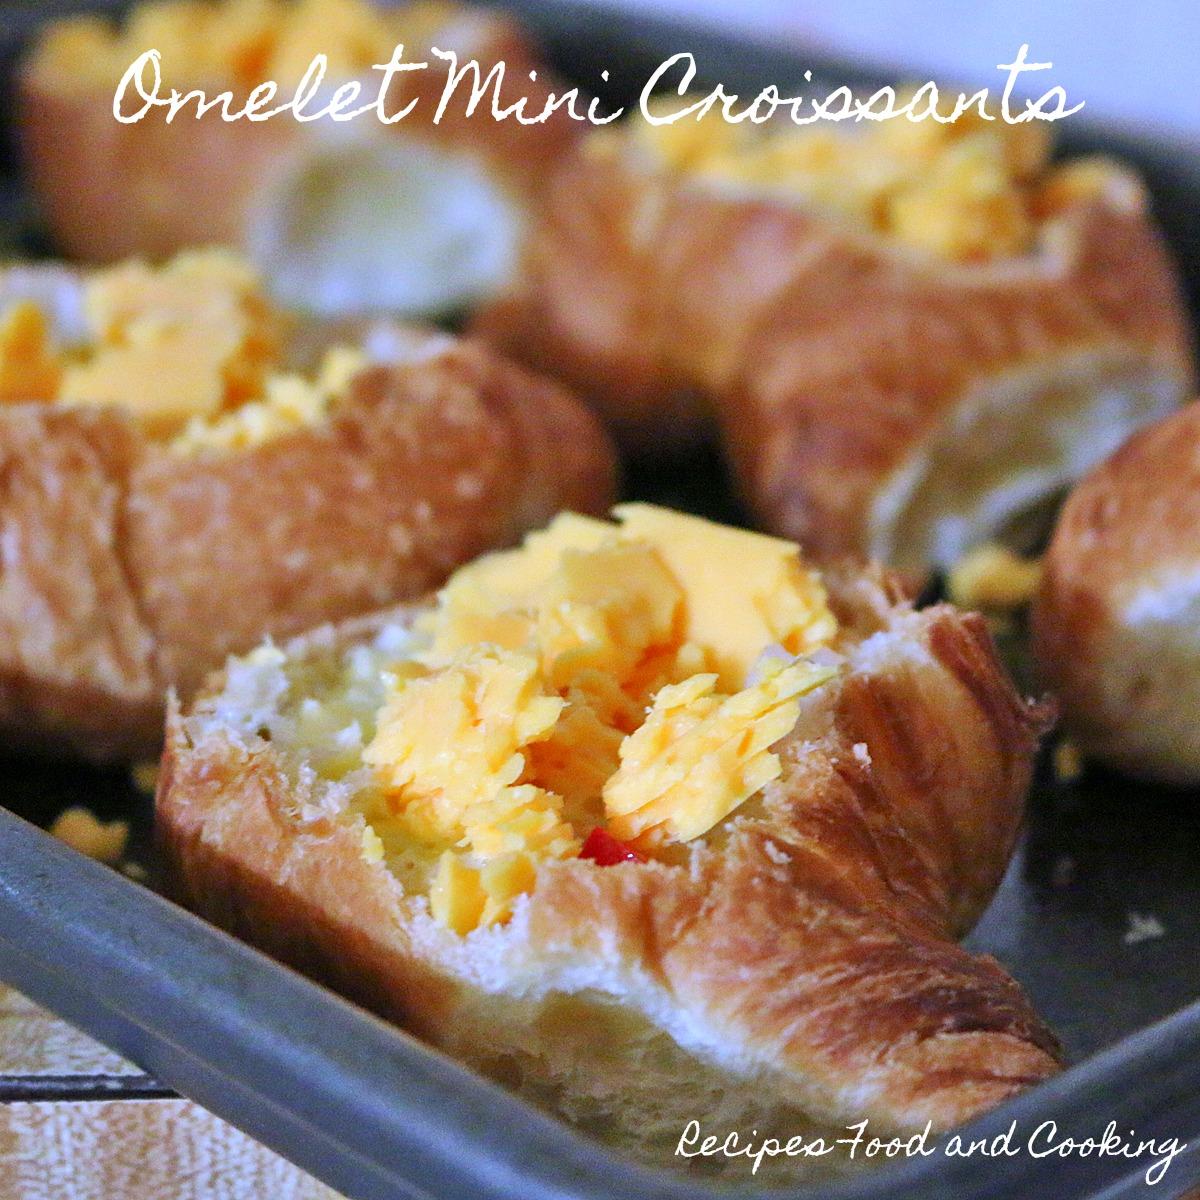 Omelet Mini Croissants